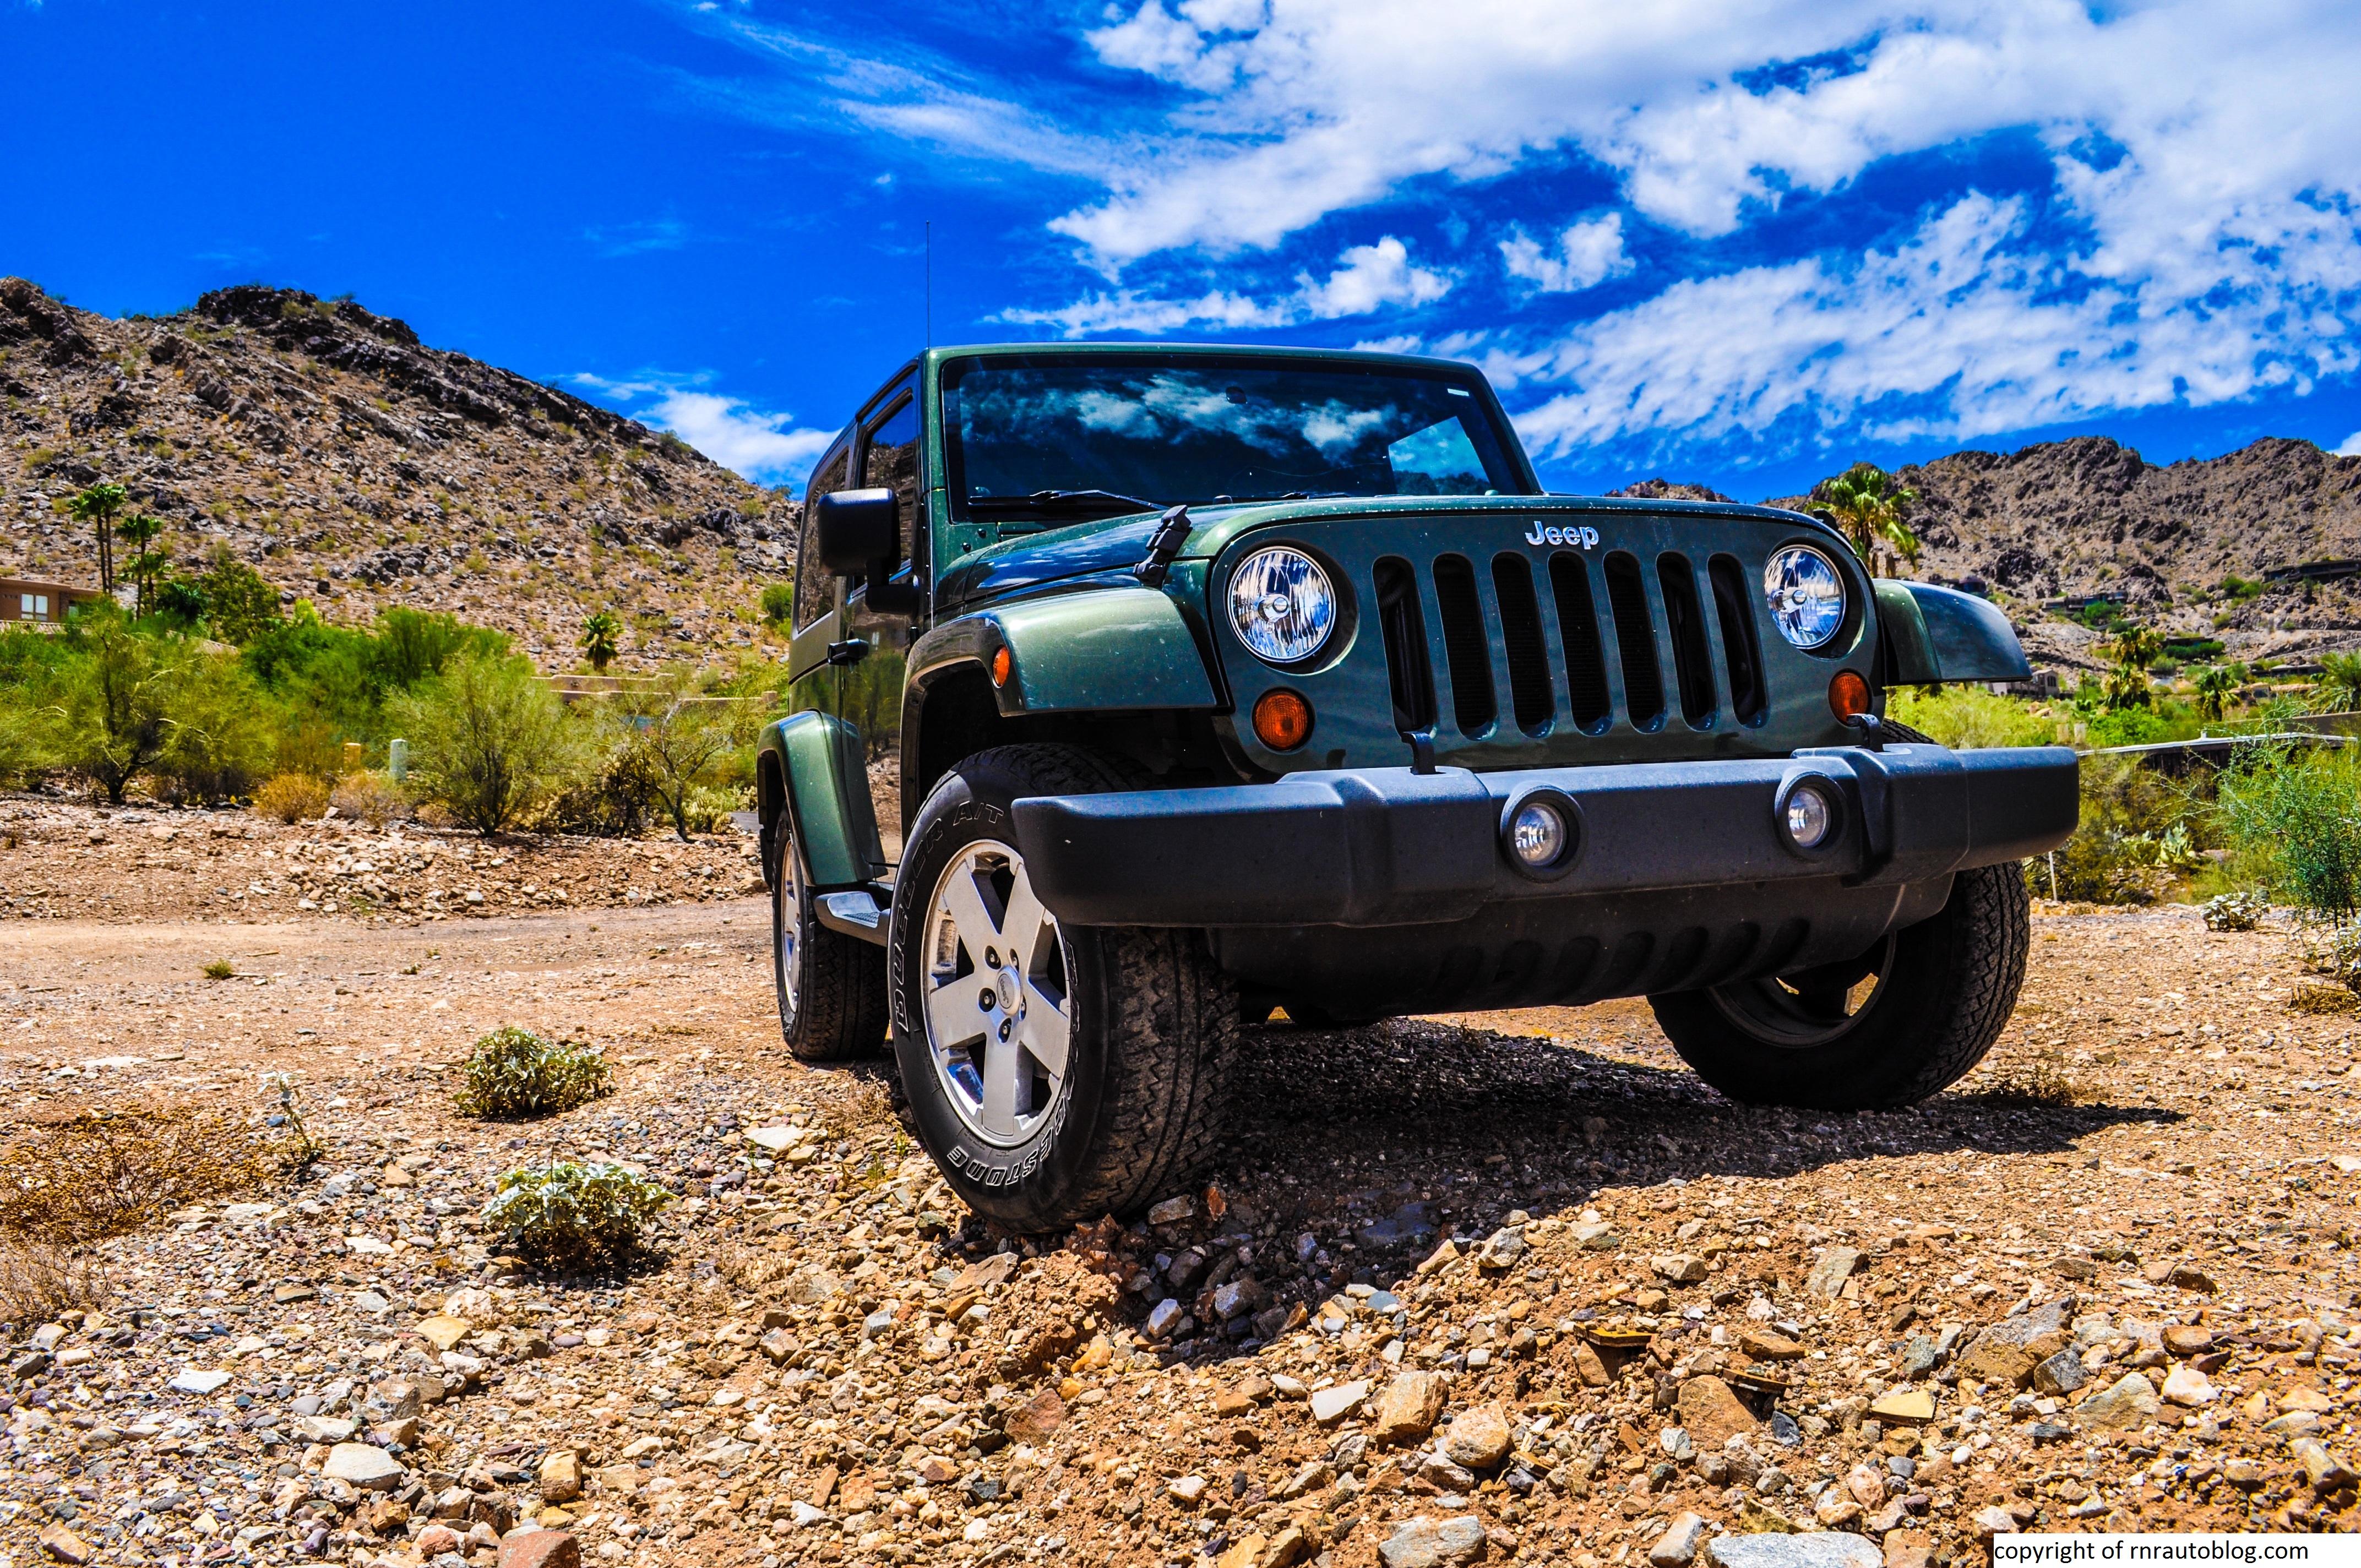 2007 Jeep Wrangler Sahara Review · Wrangler 22